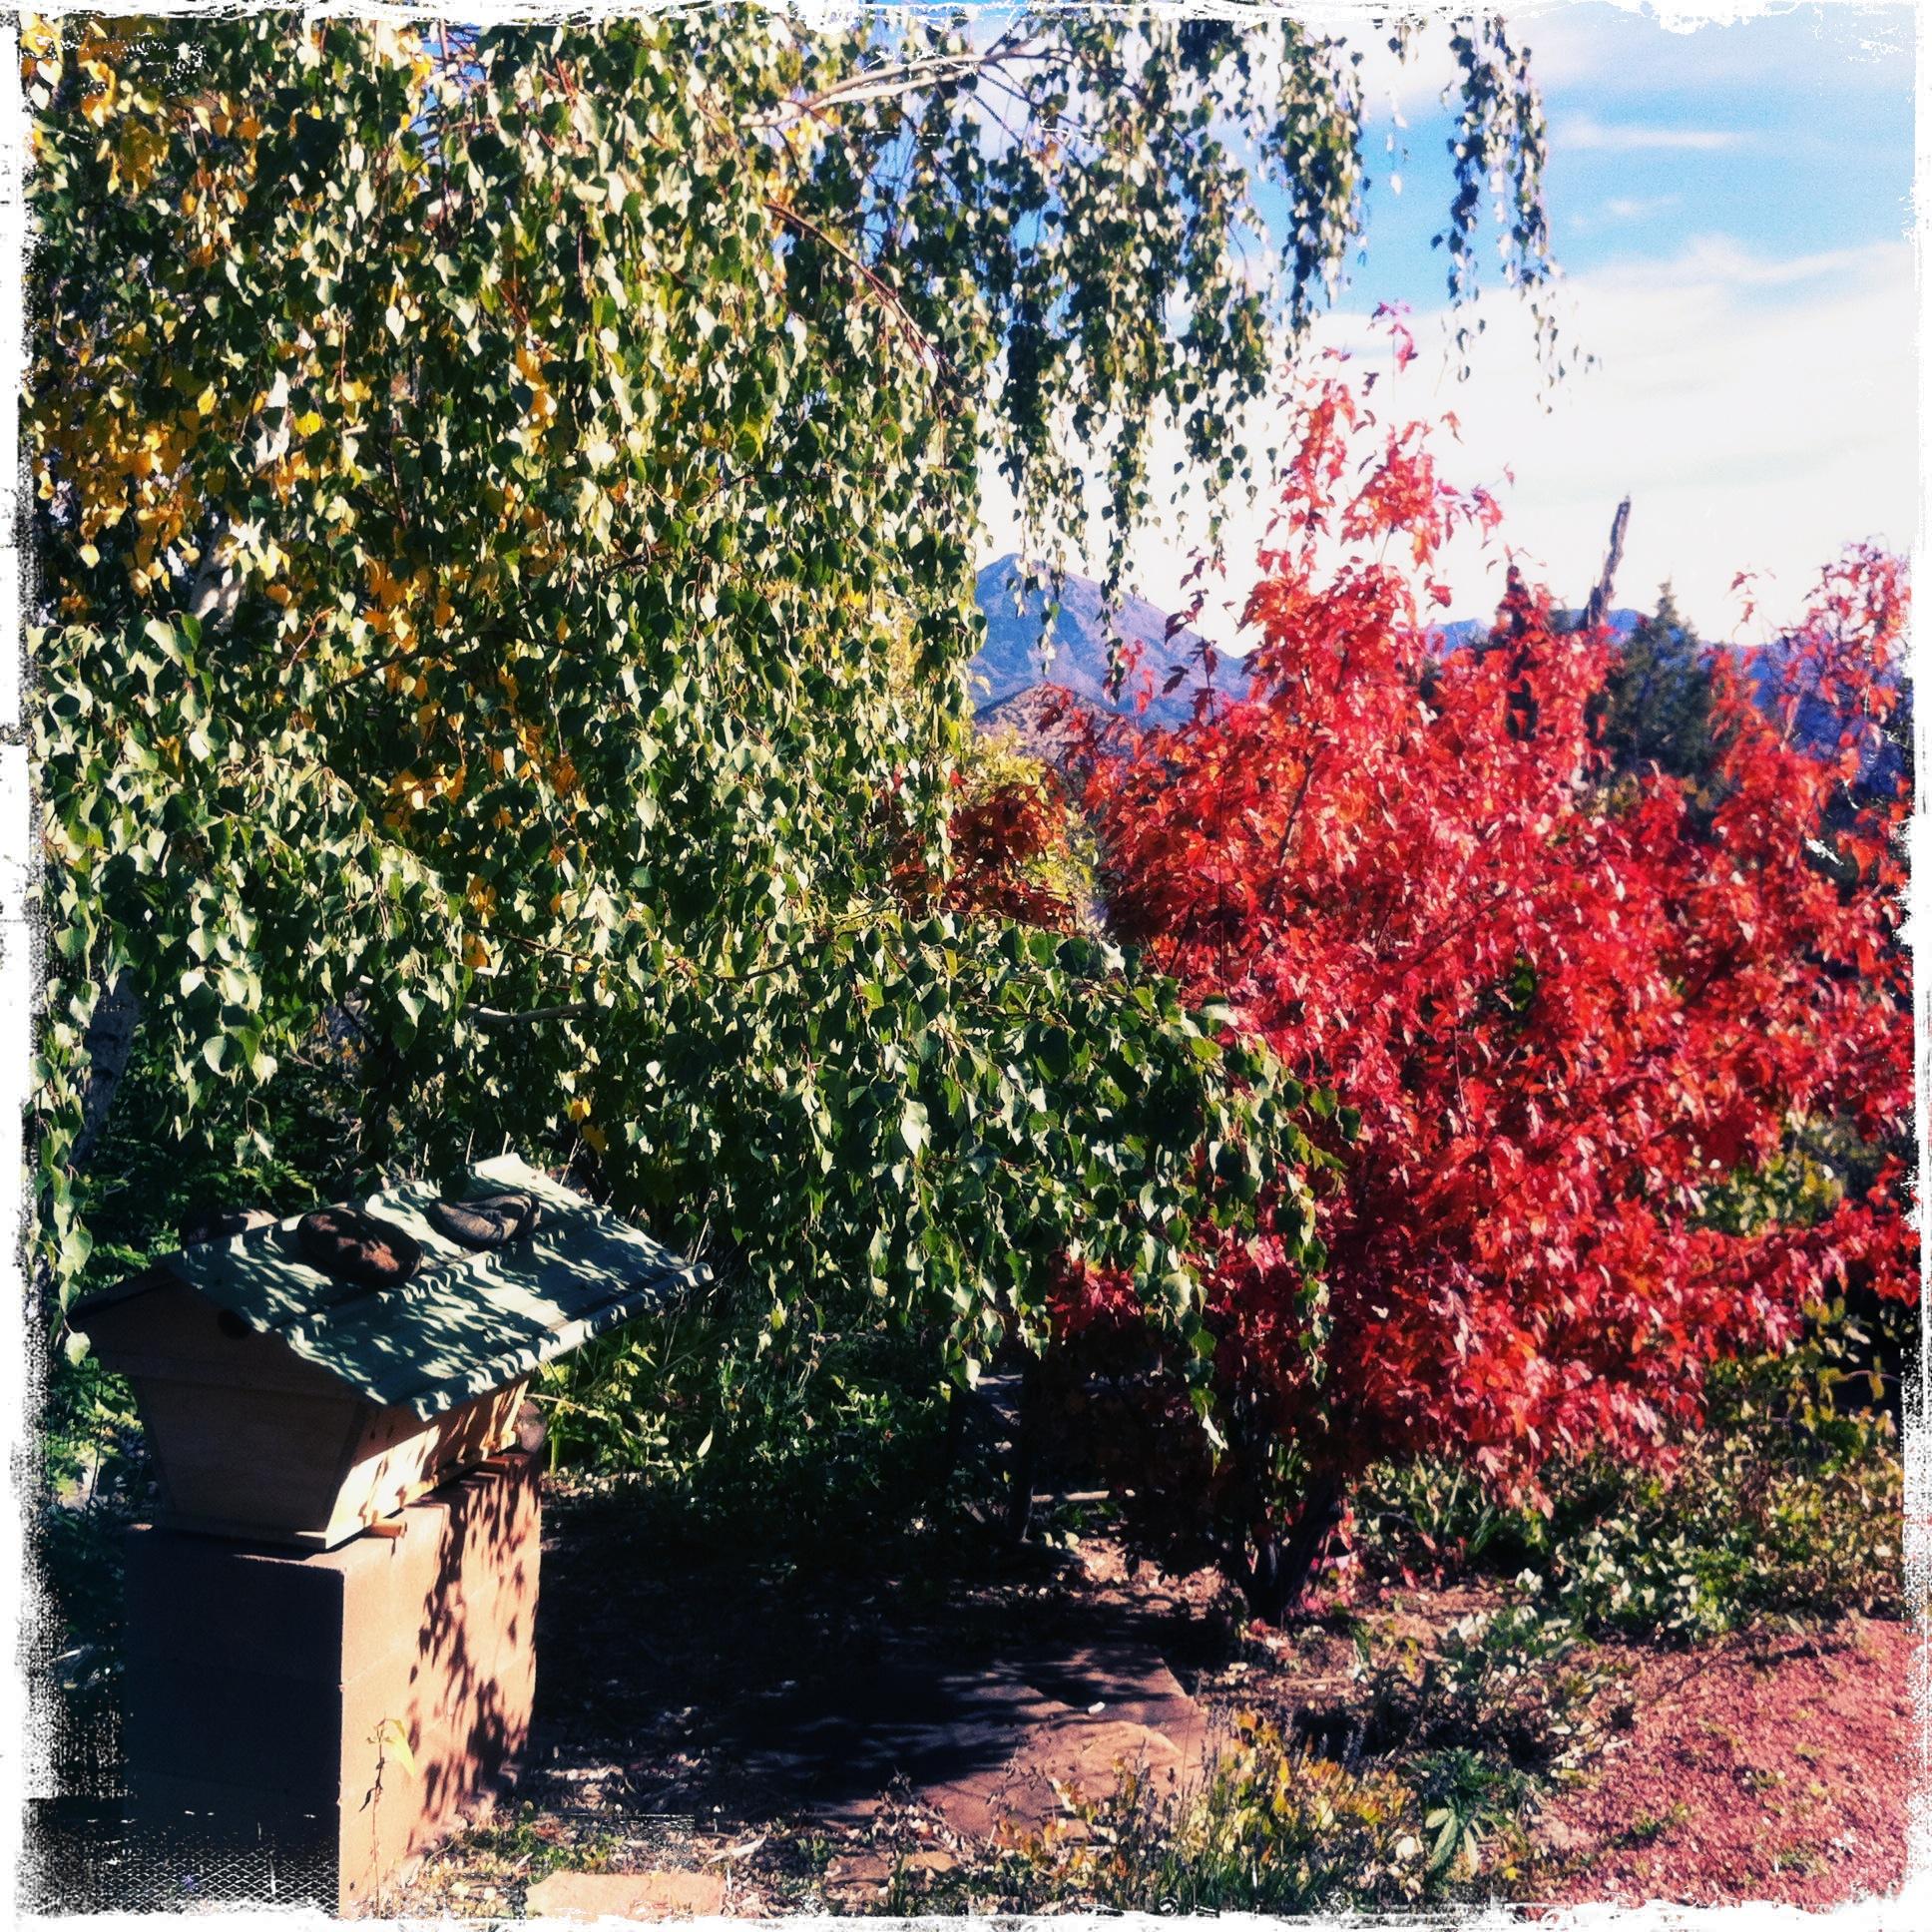 October 2, the Amur maple in full scarlet splendor, the birch tree still green.